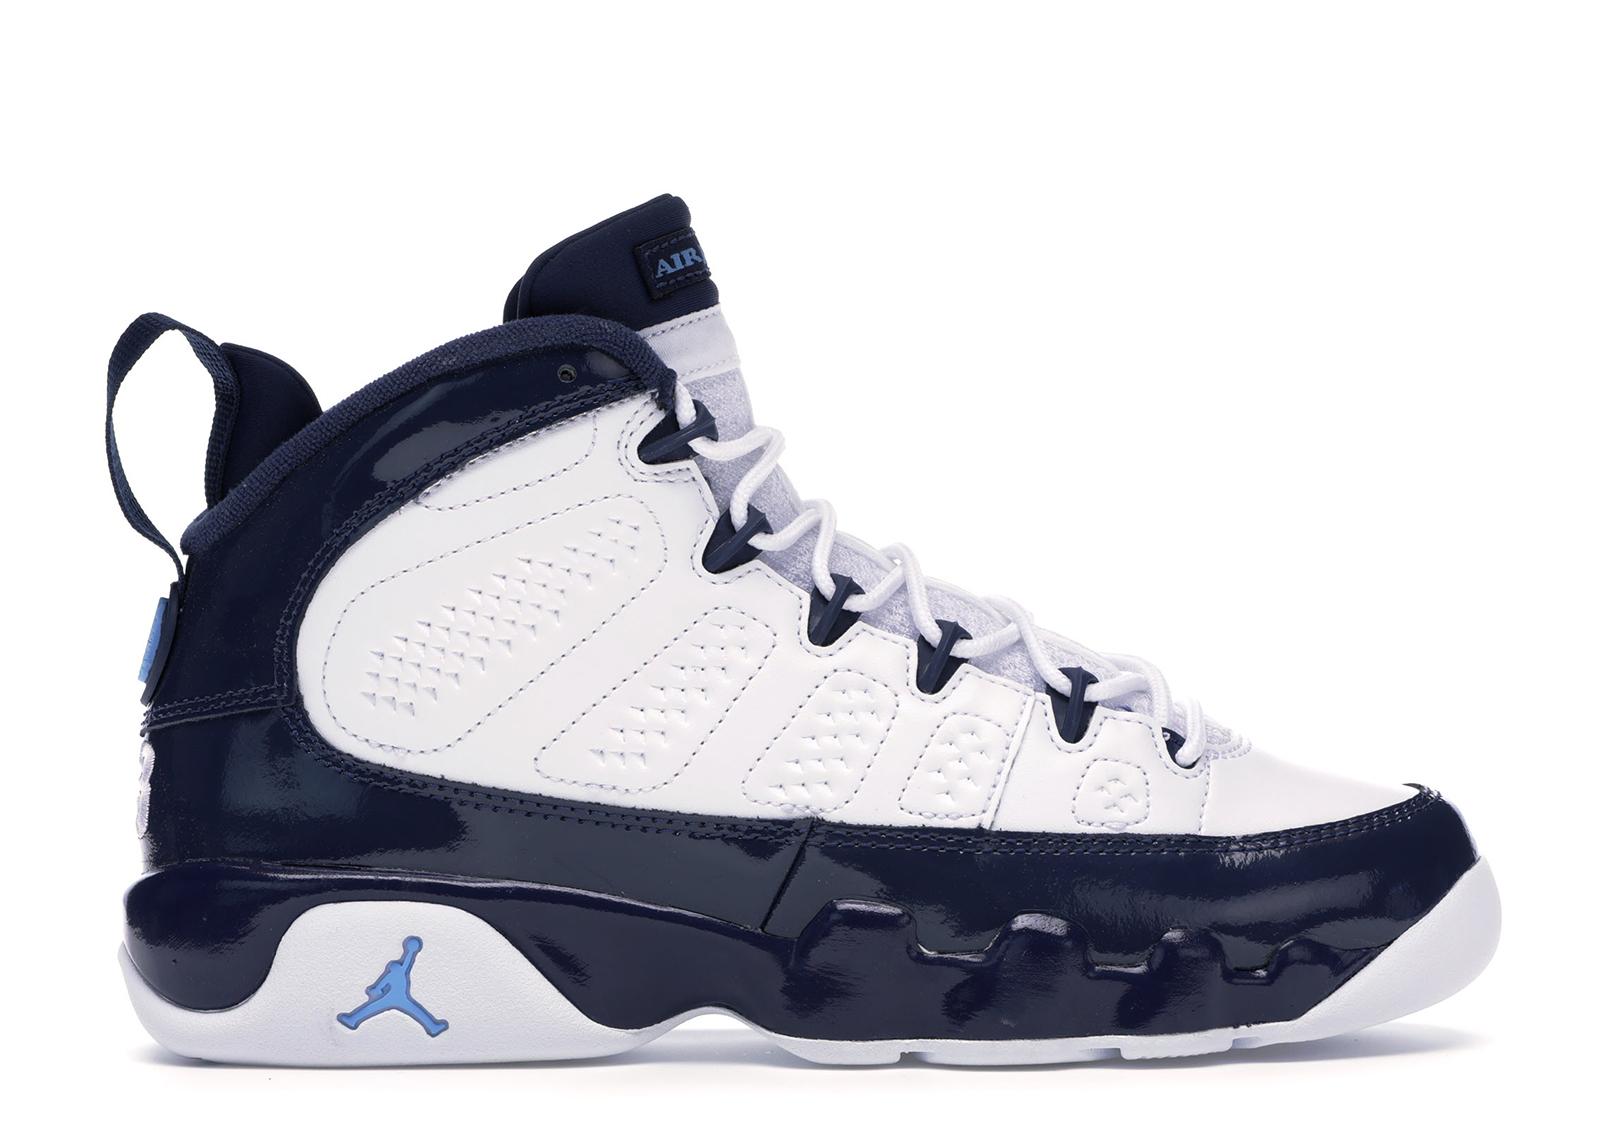 Air Jordan 9 Shoes - Release Date